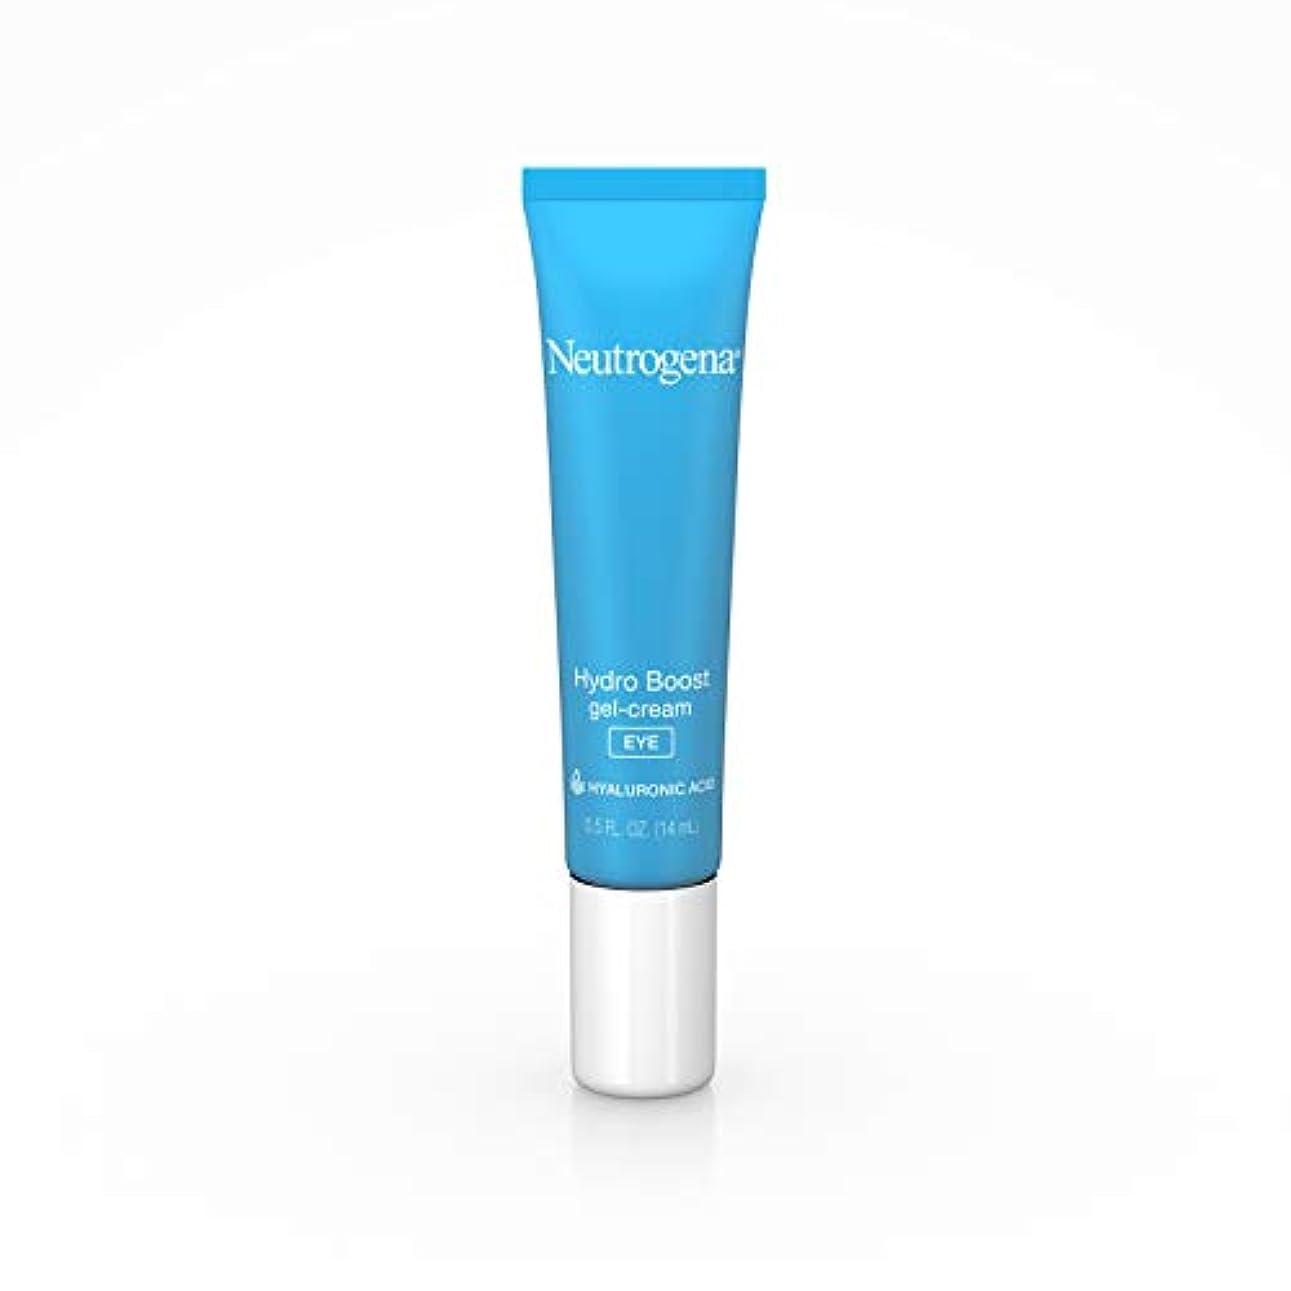 聡明報復する仕方Neutrogena Hydro Boost gel-cream、extra-dryスキン